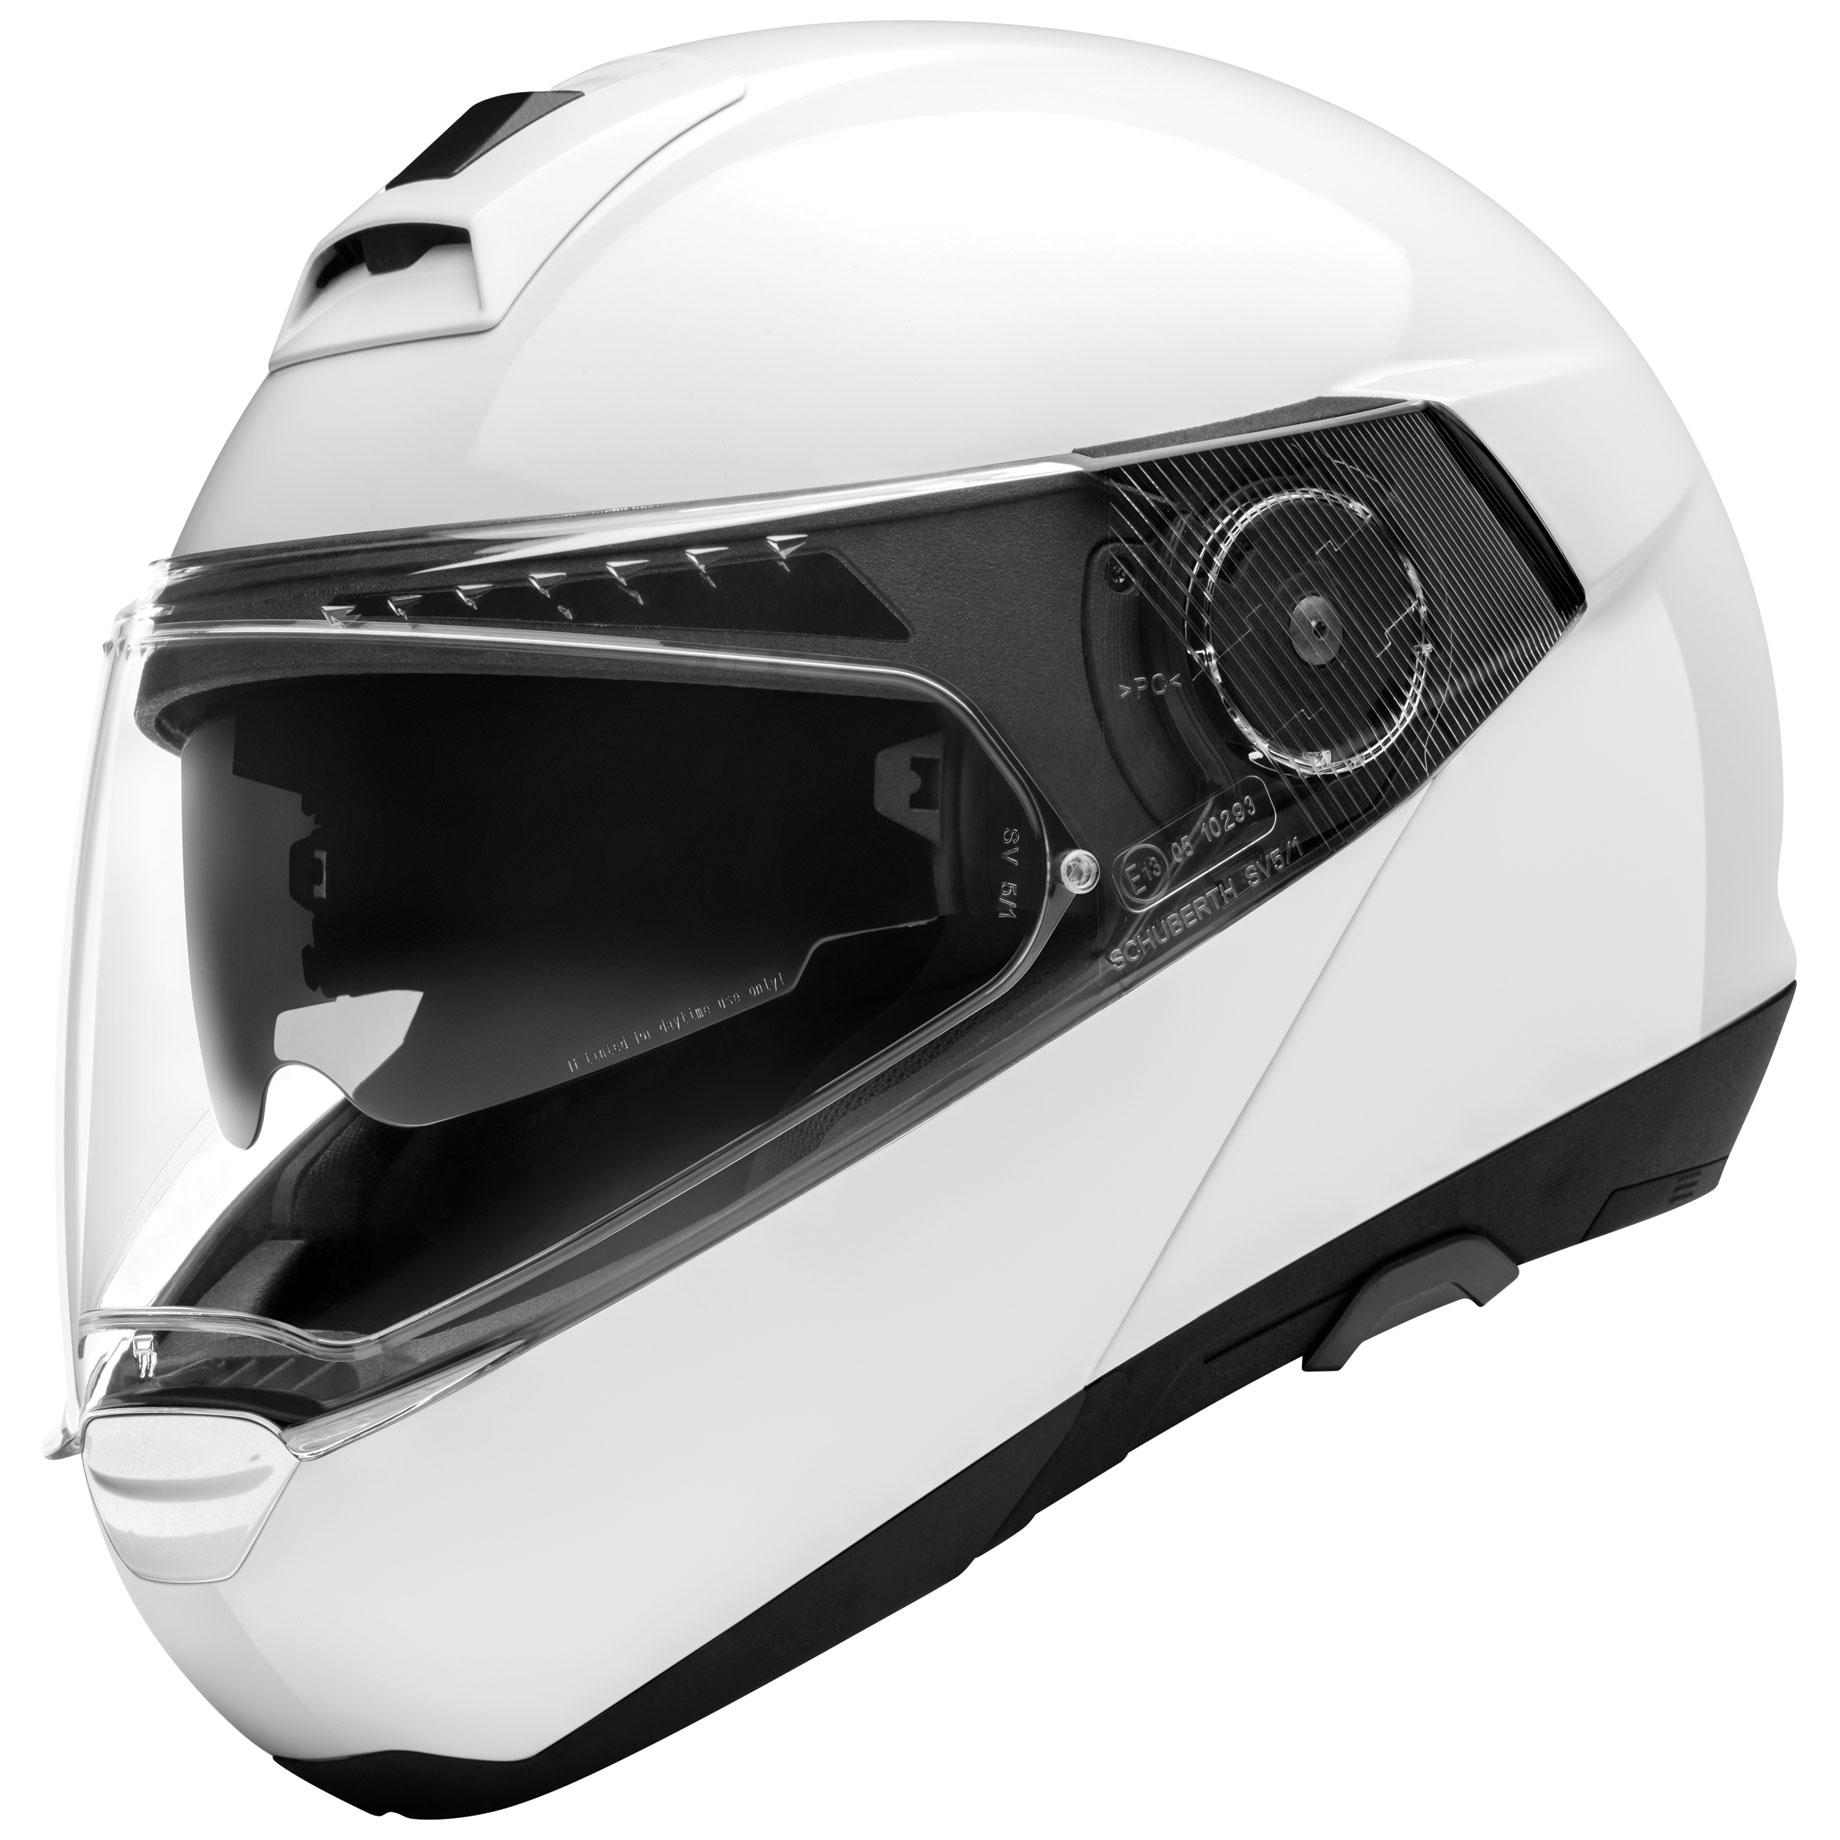 Schuberth C4 Pro Gloss White Modular Helmet